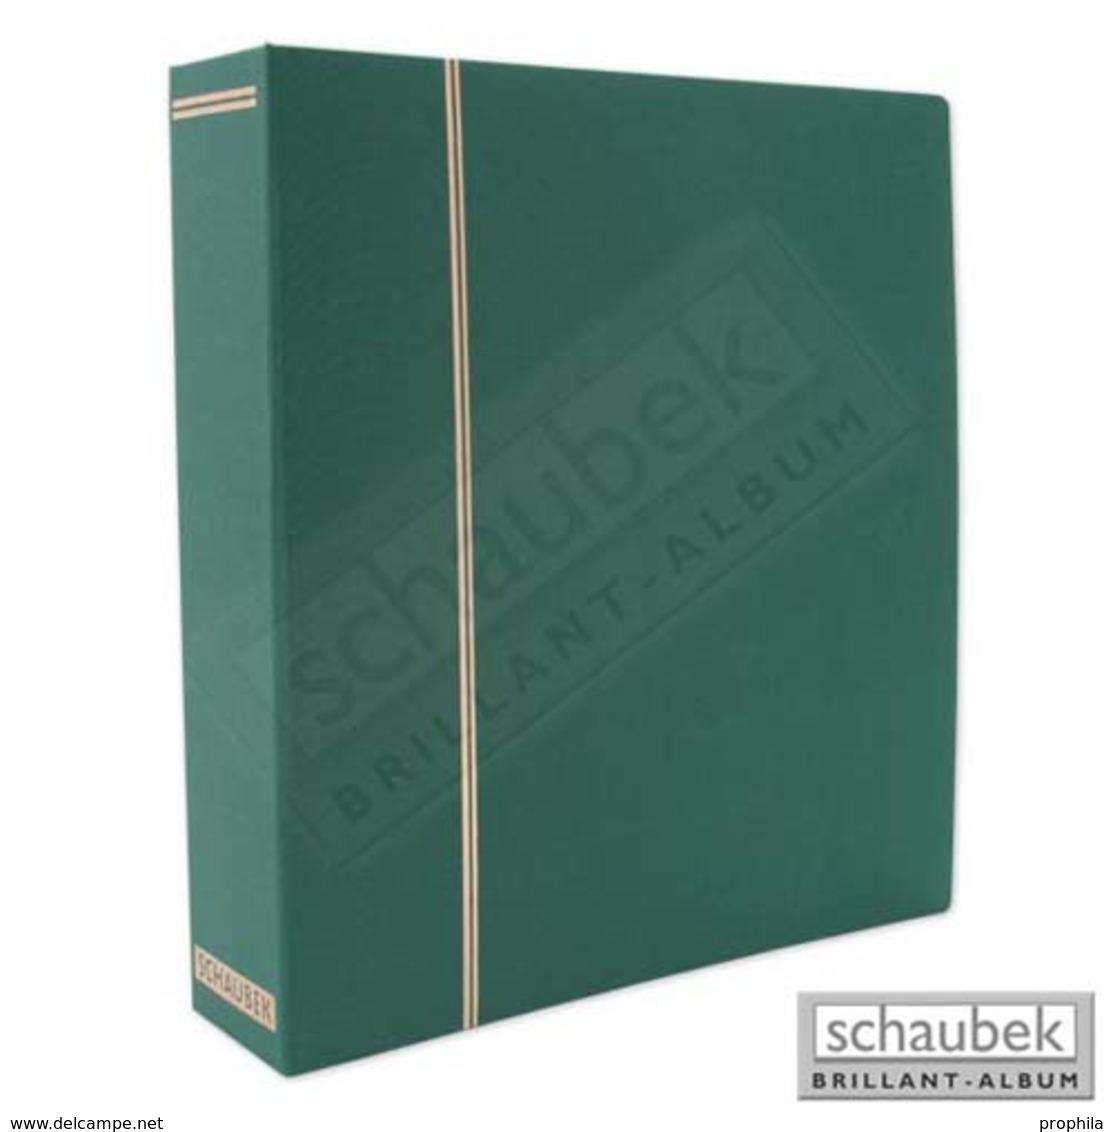 Schaubek DS100/4 Ganzleinen-Schraubbinder, Grün, Mit 40 Blanko- Blättern Bb100 - Groß, Grund Schwarz